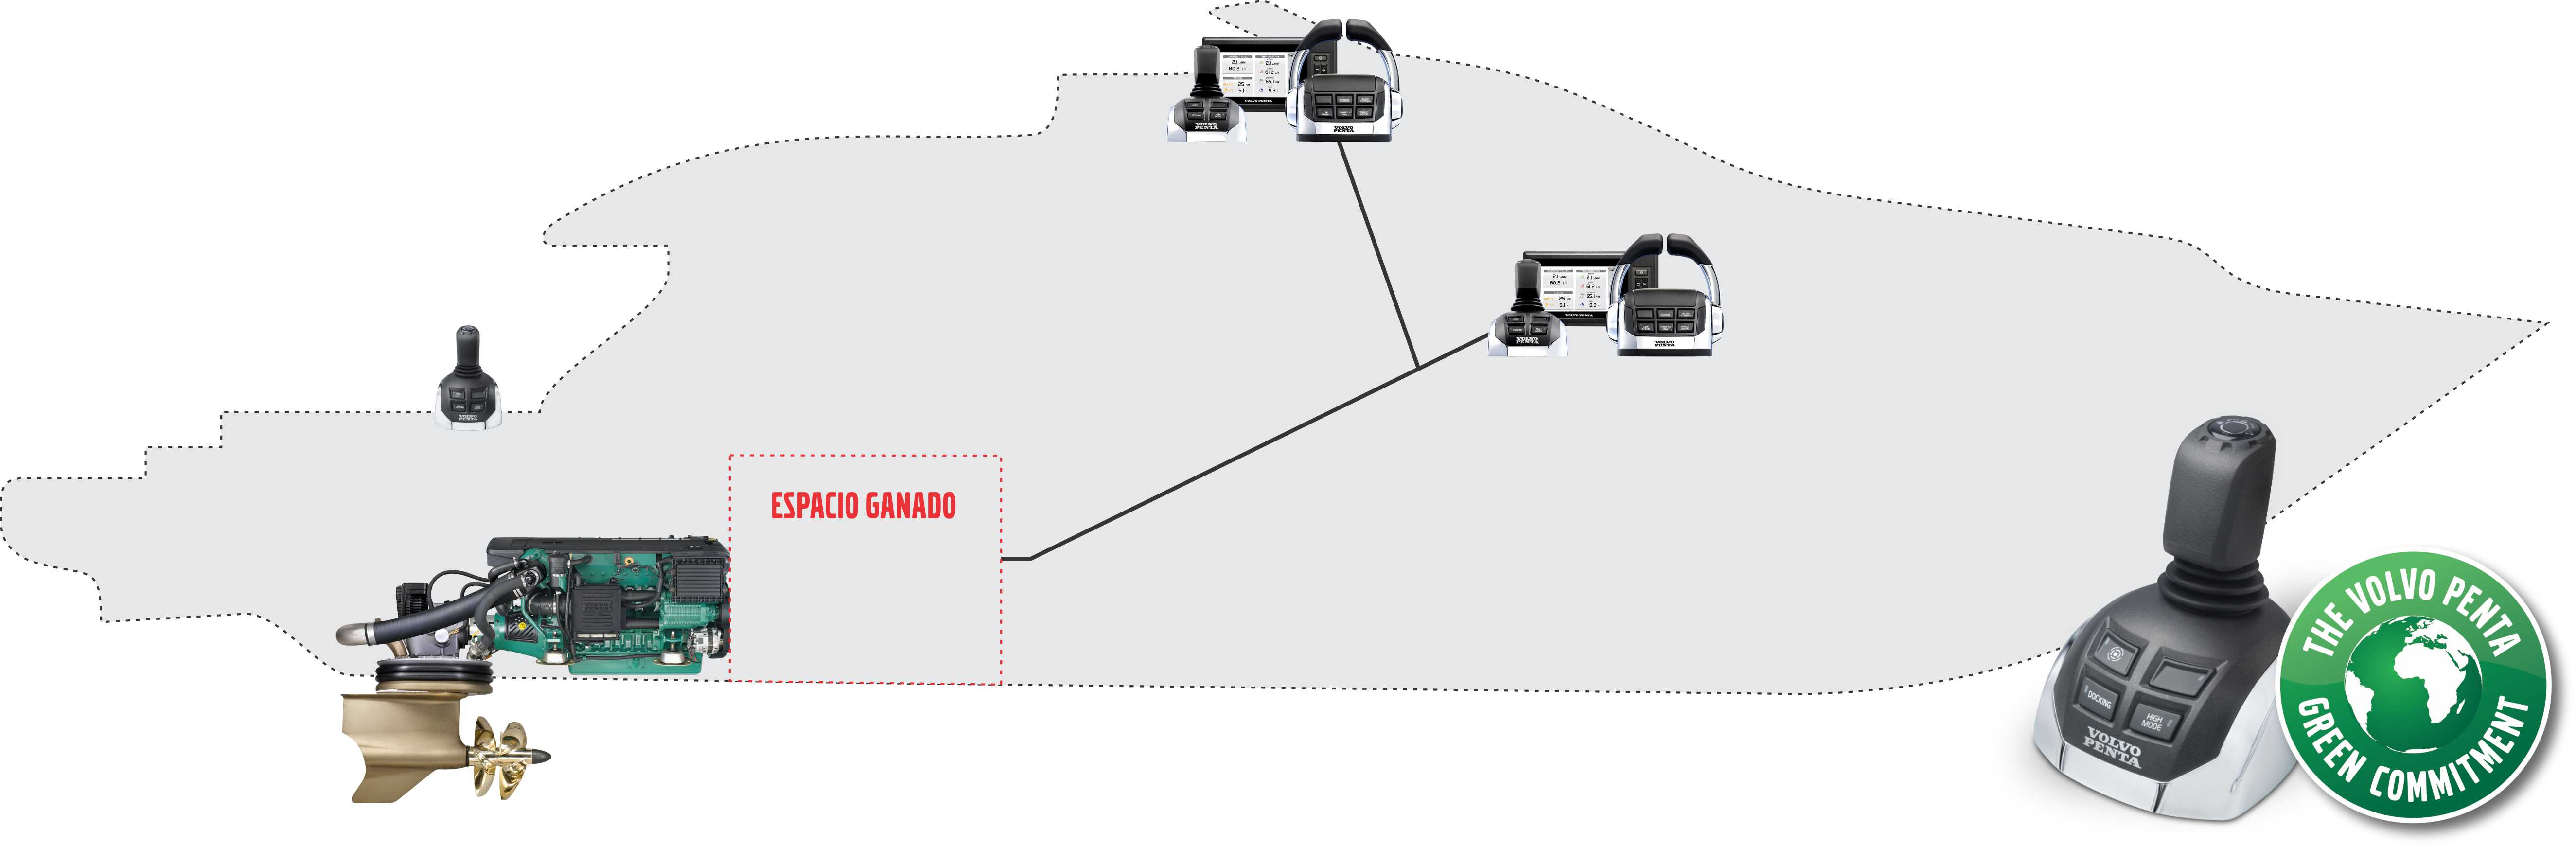 Barco con motorización Volvo Penta IPS